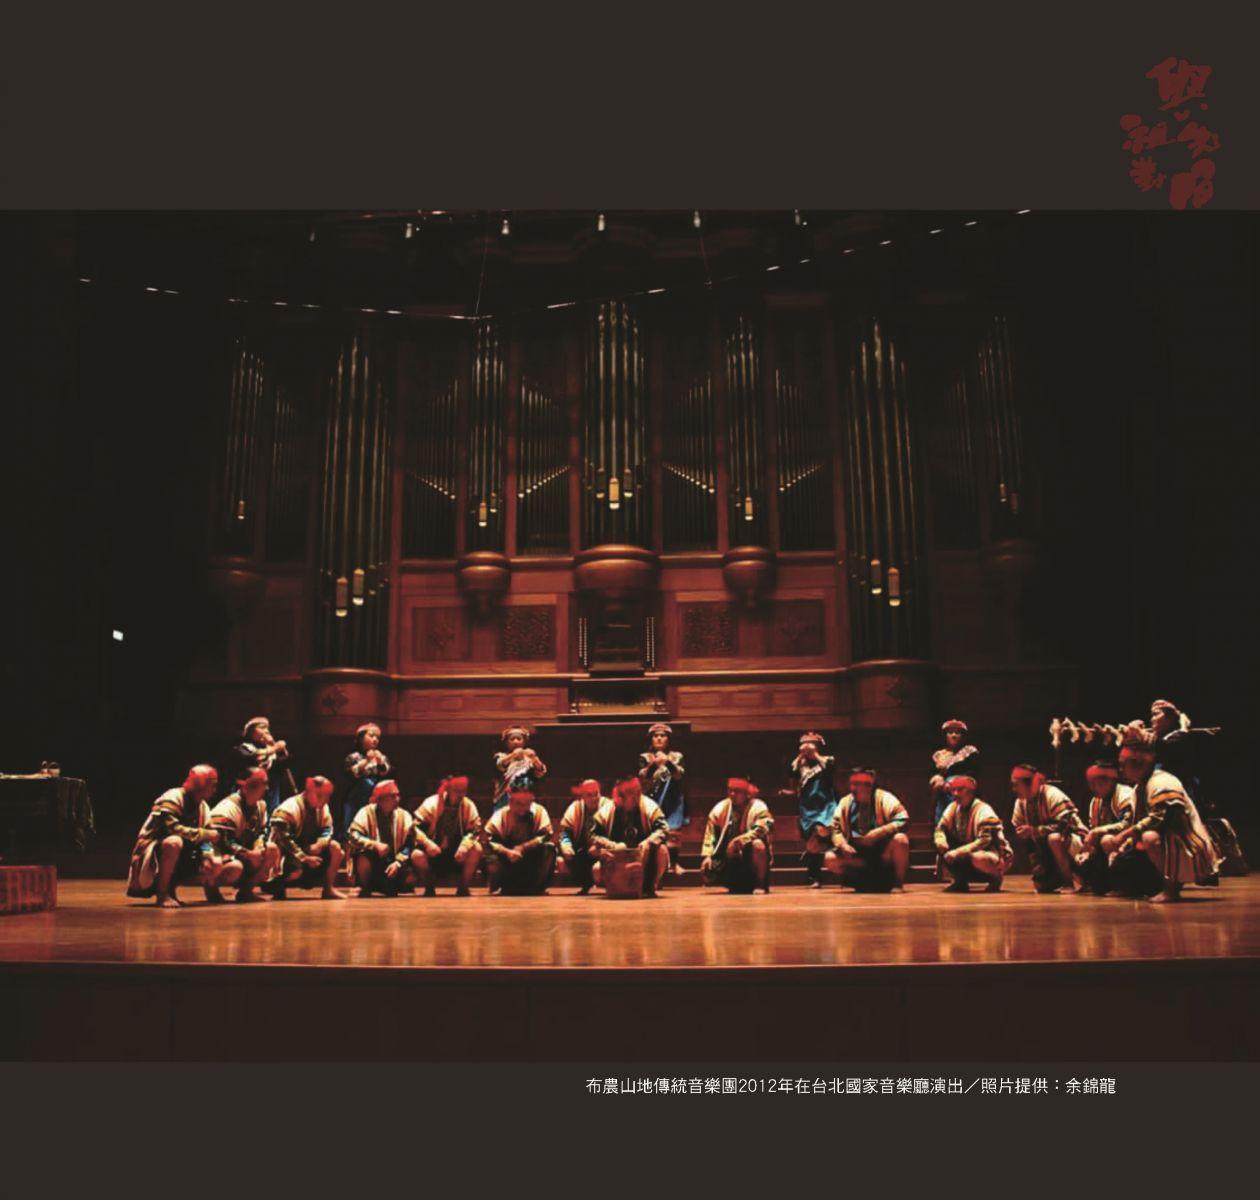 布農山地傳統音樂團2012年在台北國家音樂廳演出/照片提供:余錦龍